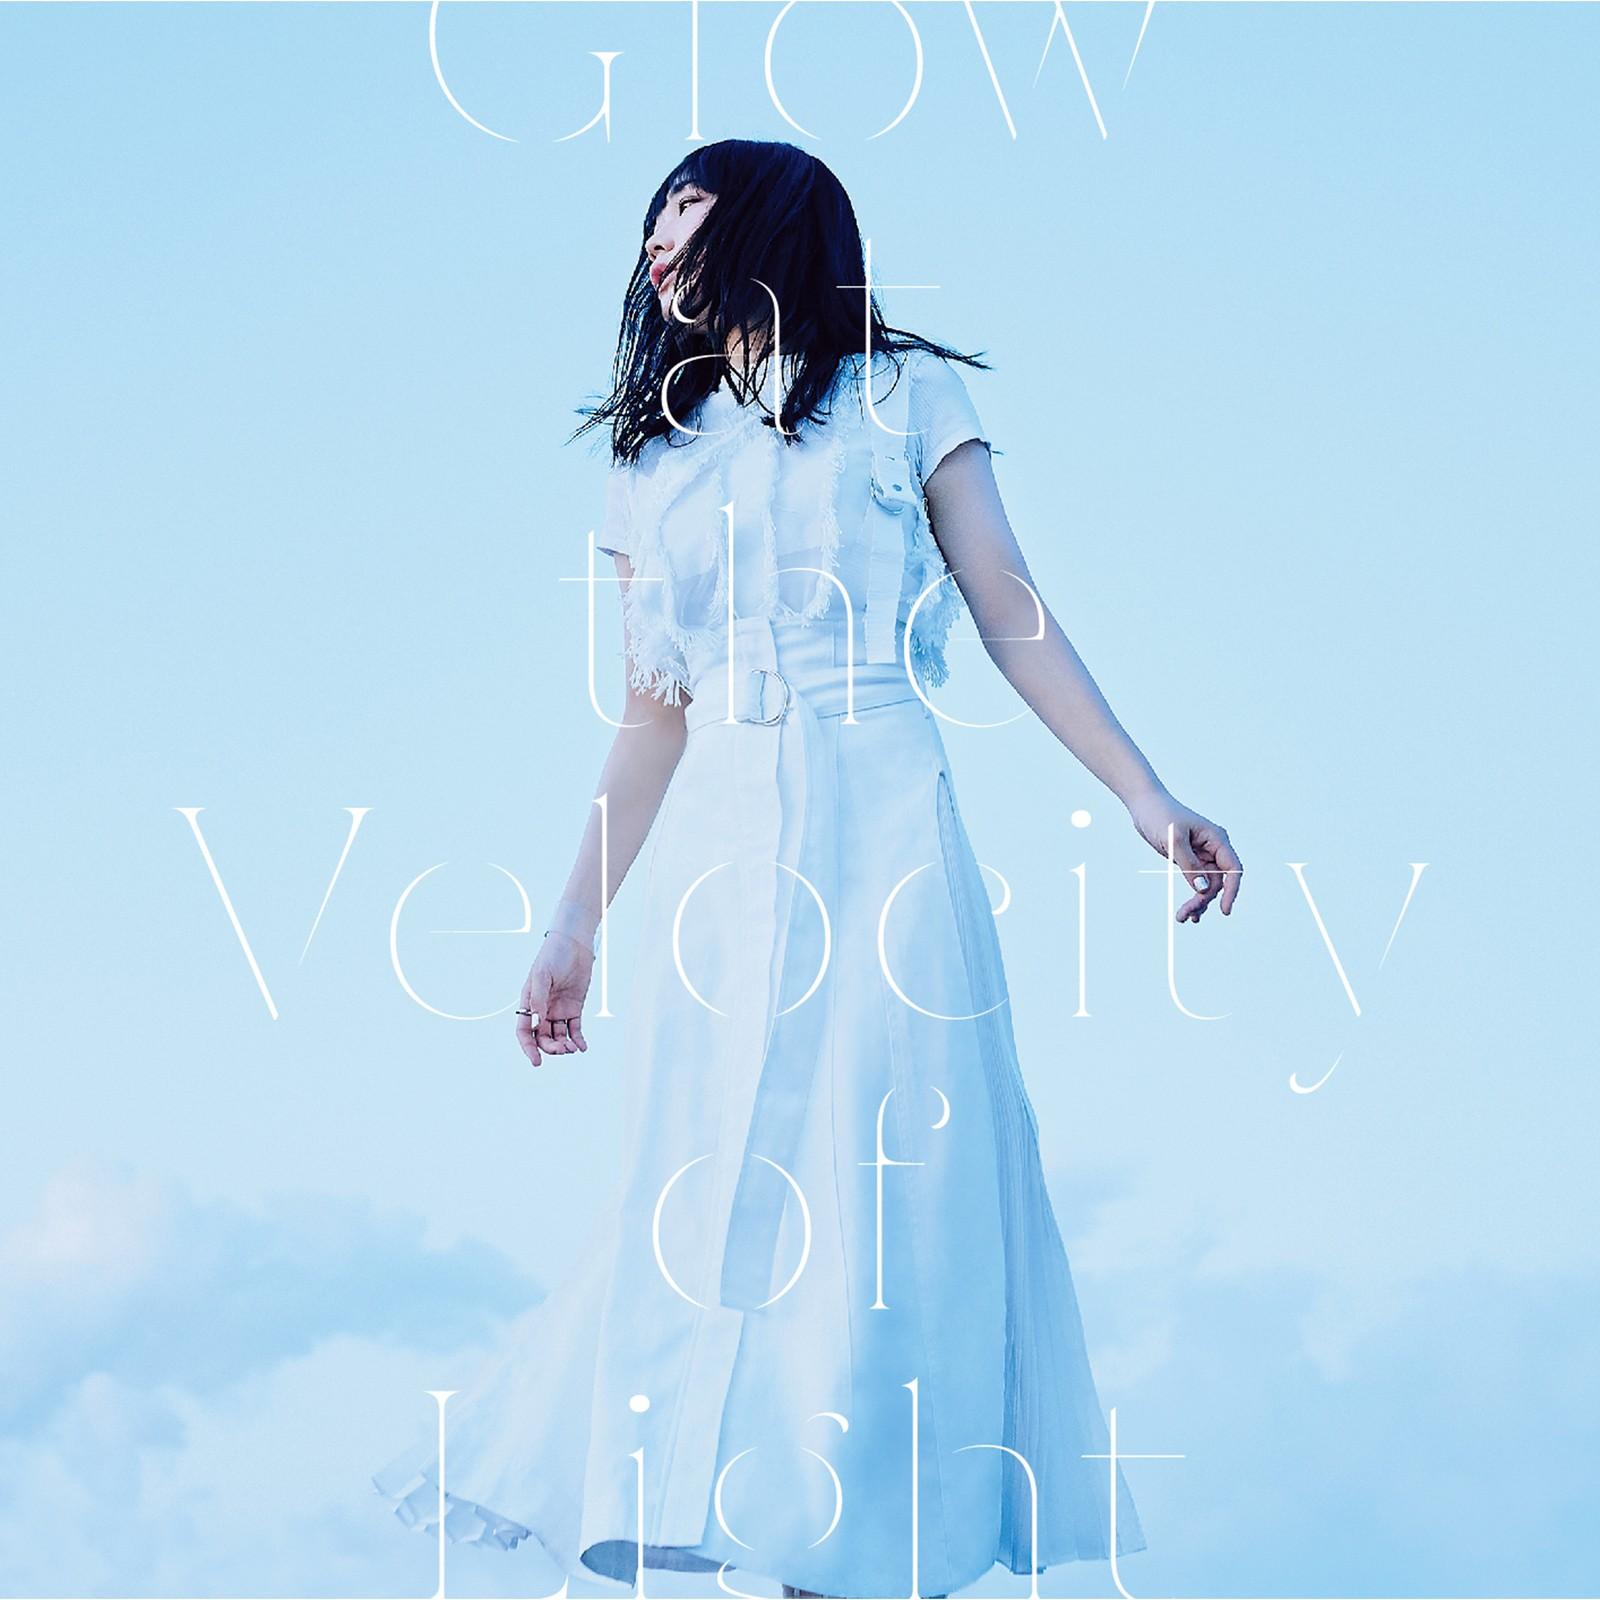 安月名莉子 (Riko Azuna) – Glow at the Velocity of Light [FLAC / 24bit Lossless / WEB] [2019.08.21]